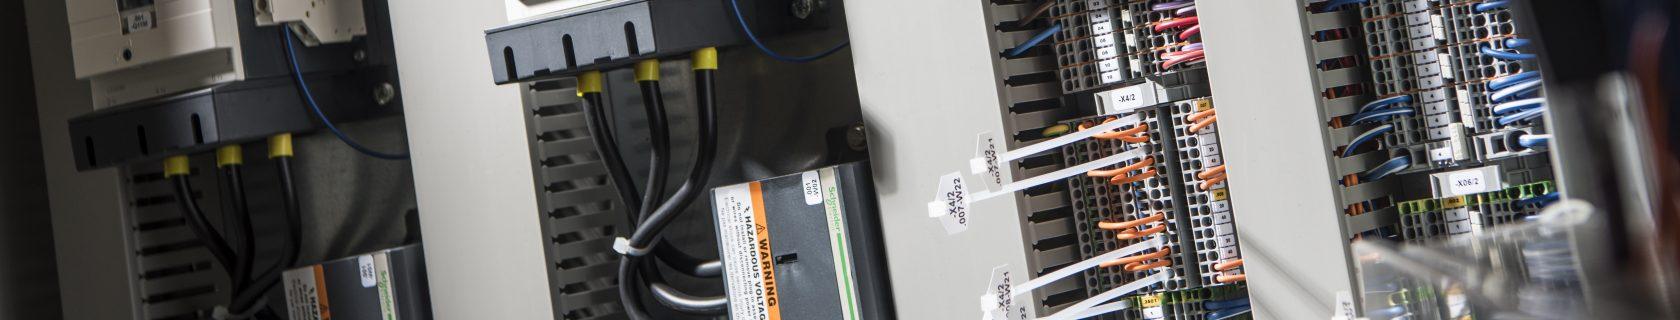 Schaltschrank verkabelt und mit Chargennummern versehen